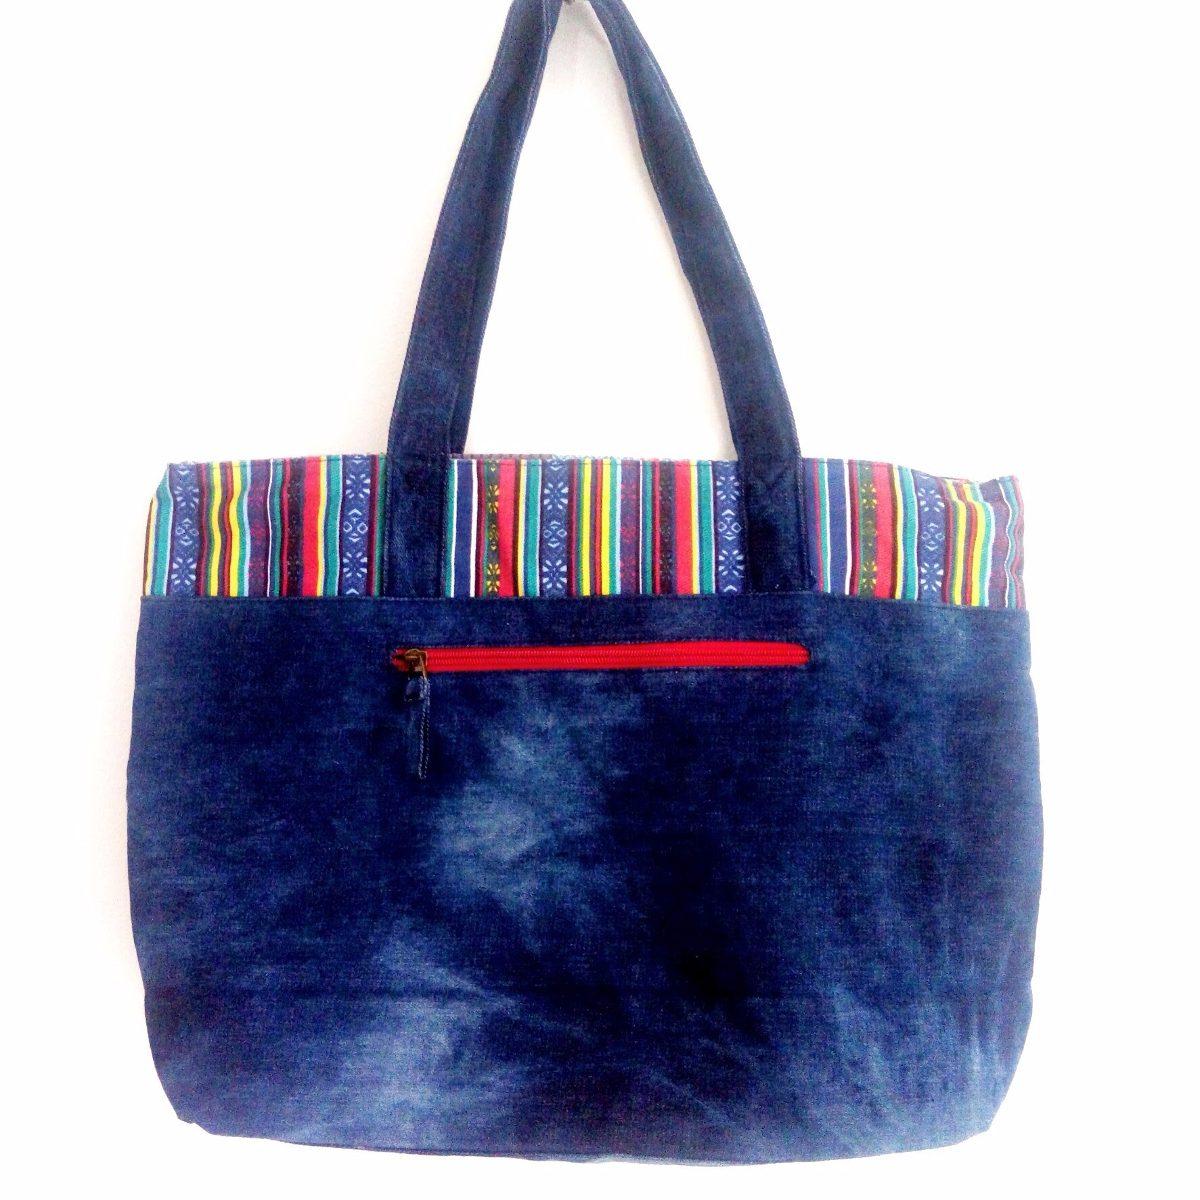 54a0f4db4 Carregando zoom... bolsa tecido feminina sacola jeans patchwork importada